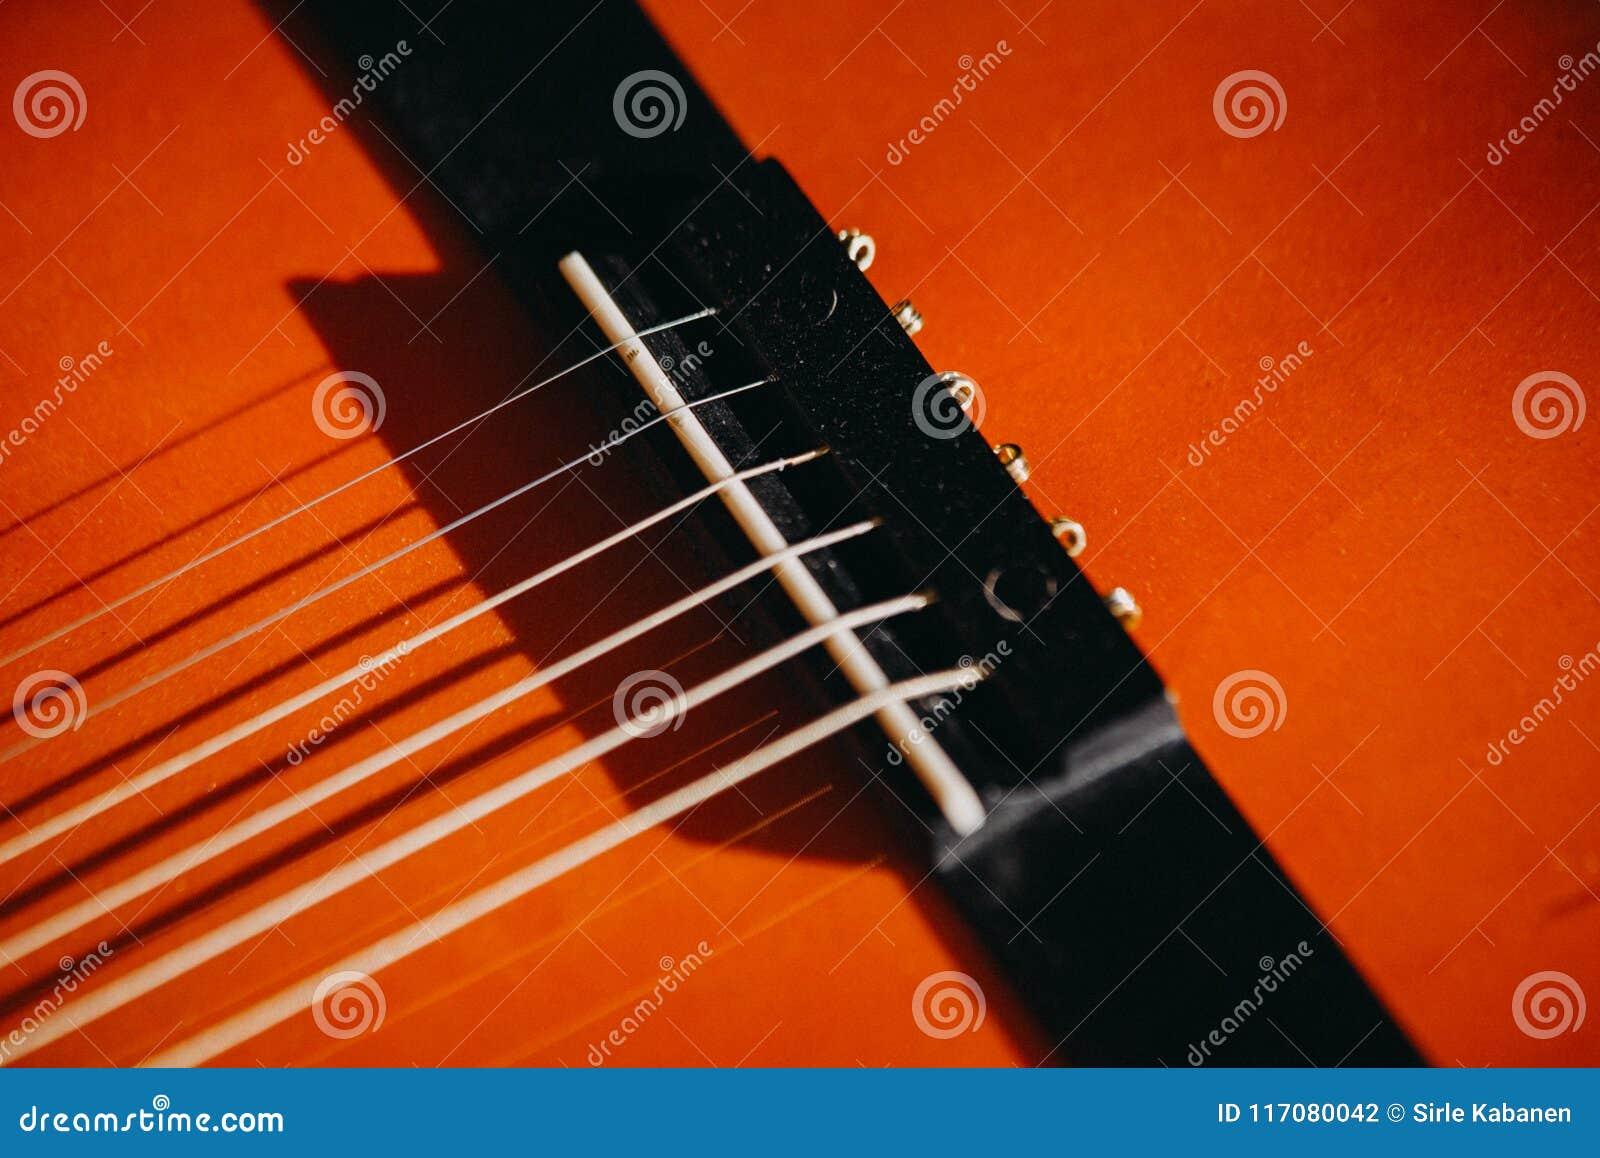 brown red acoustic guitar close up macro